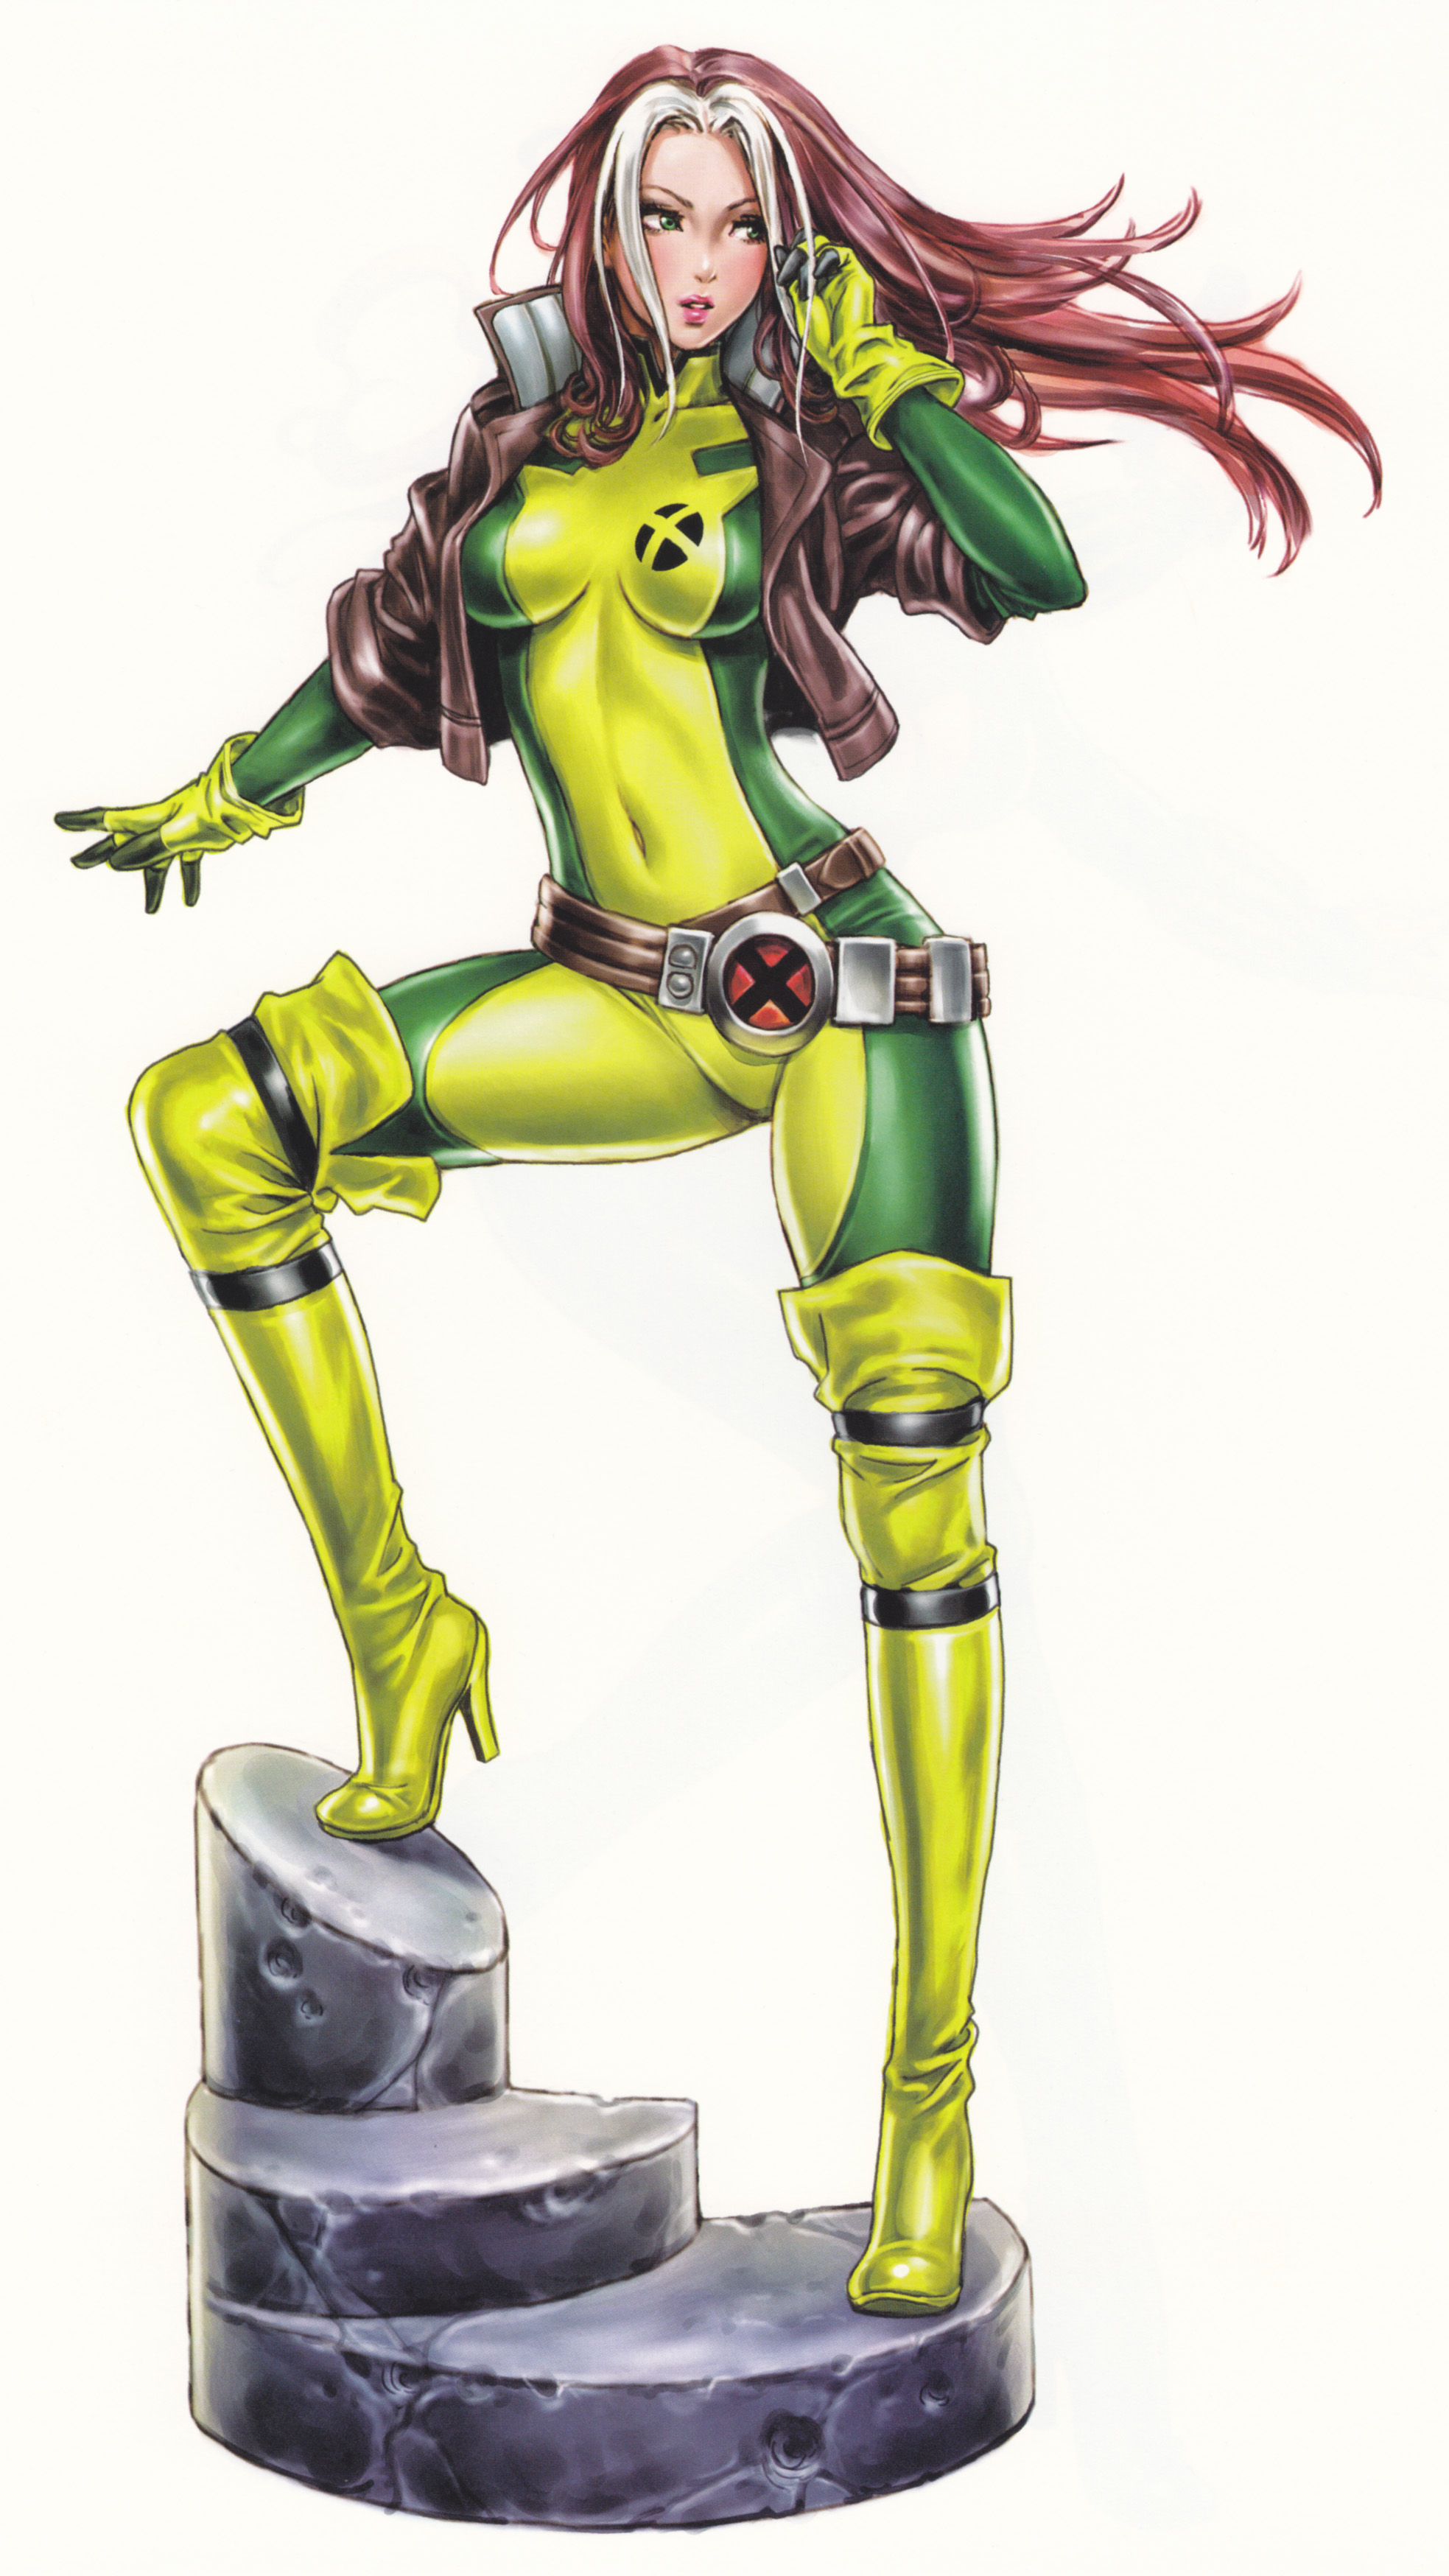 rogue-bishoujo-statue-illustration-marvel-kotobukiya-Shunya-Yamashita